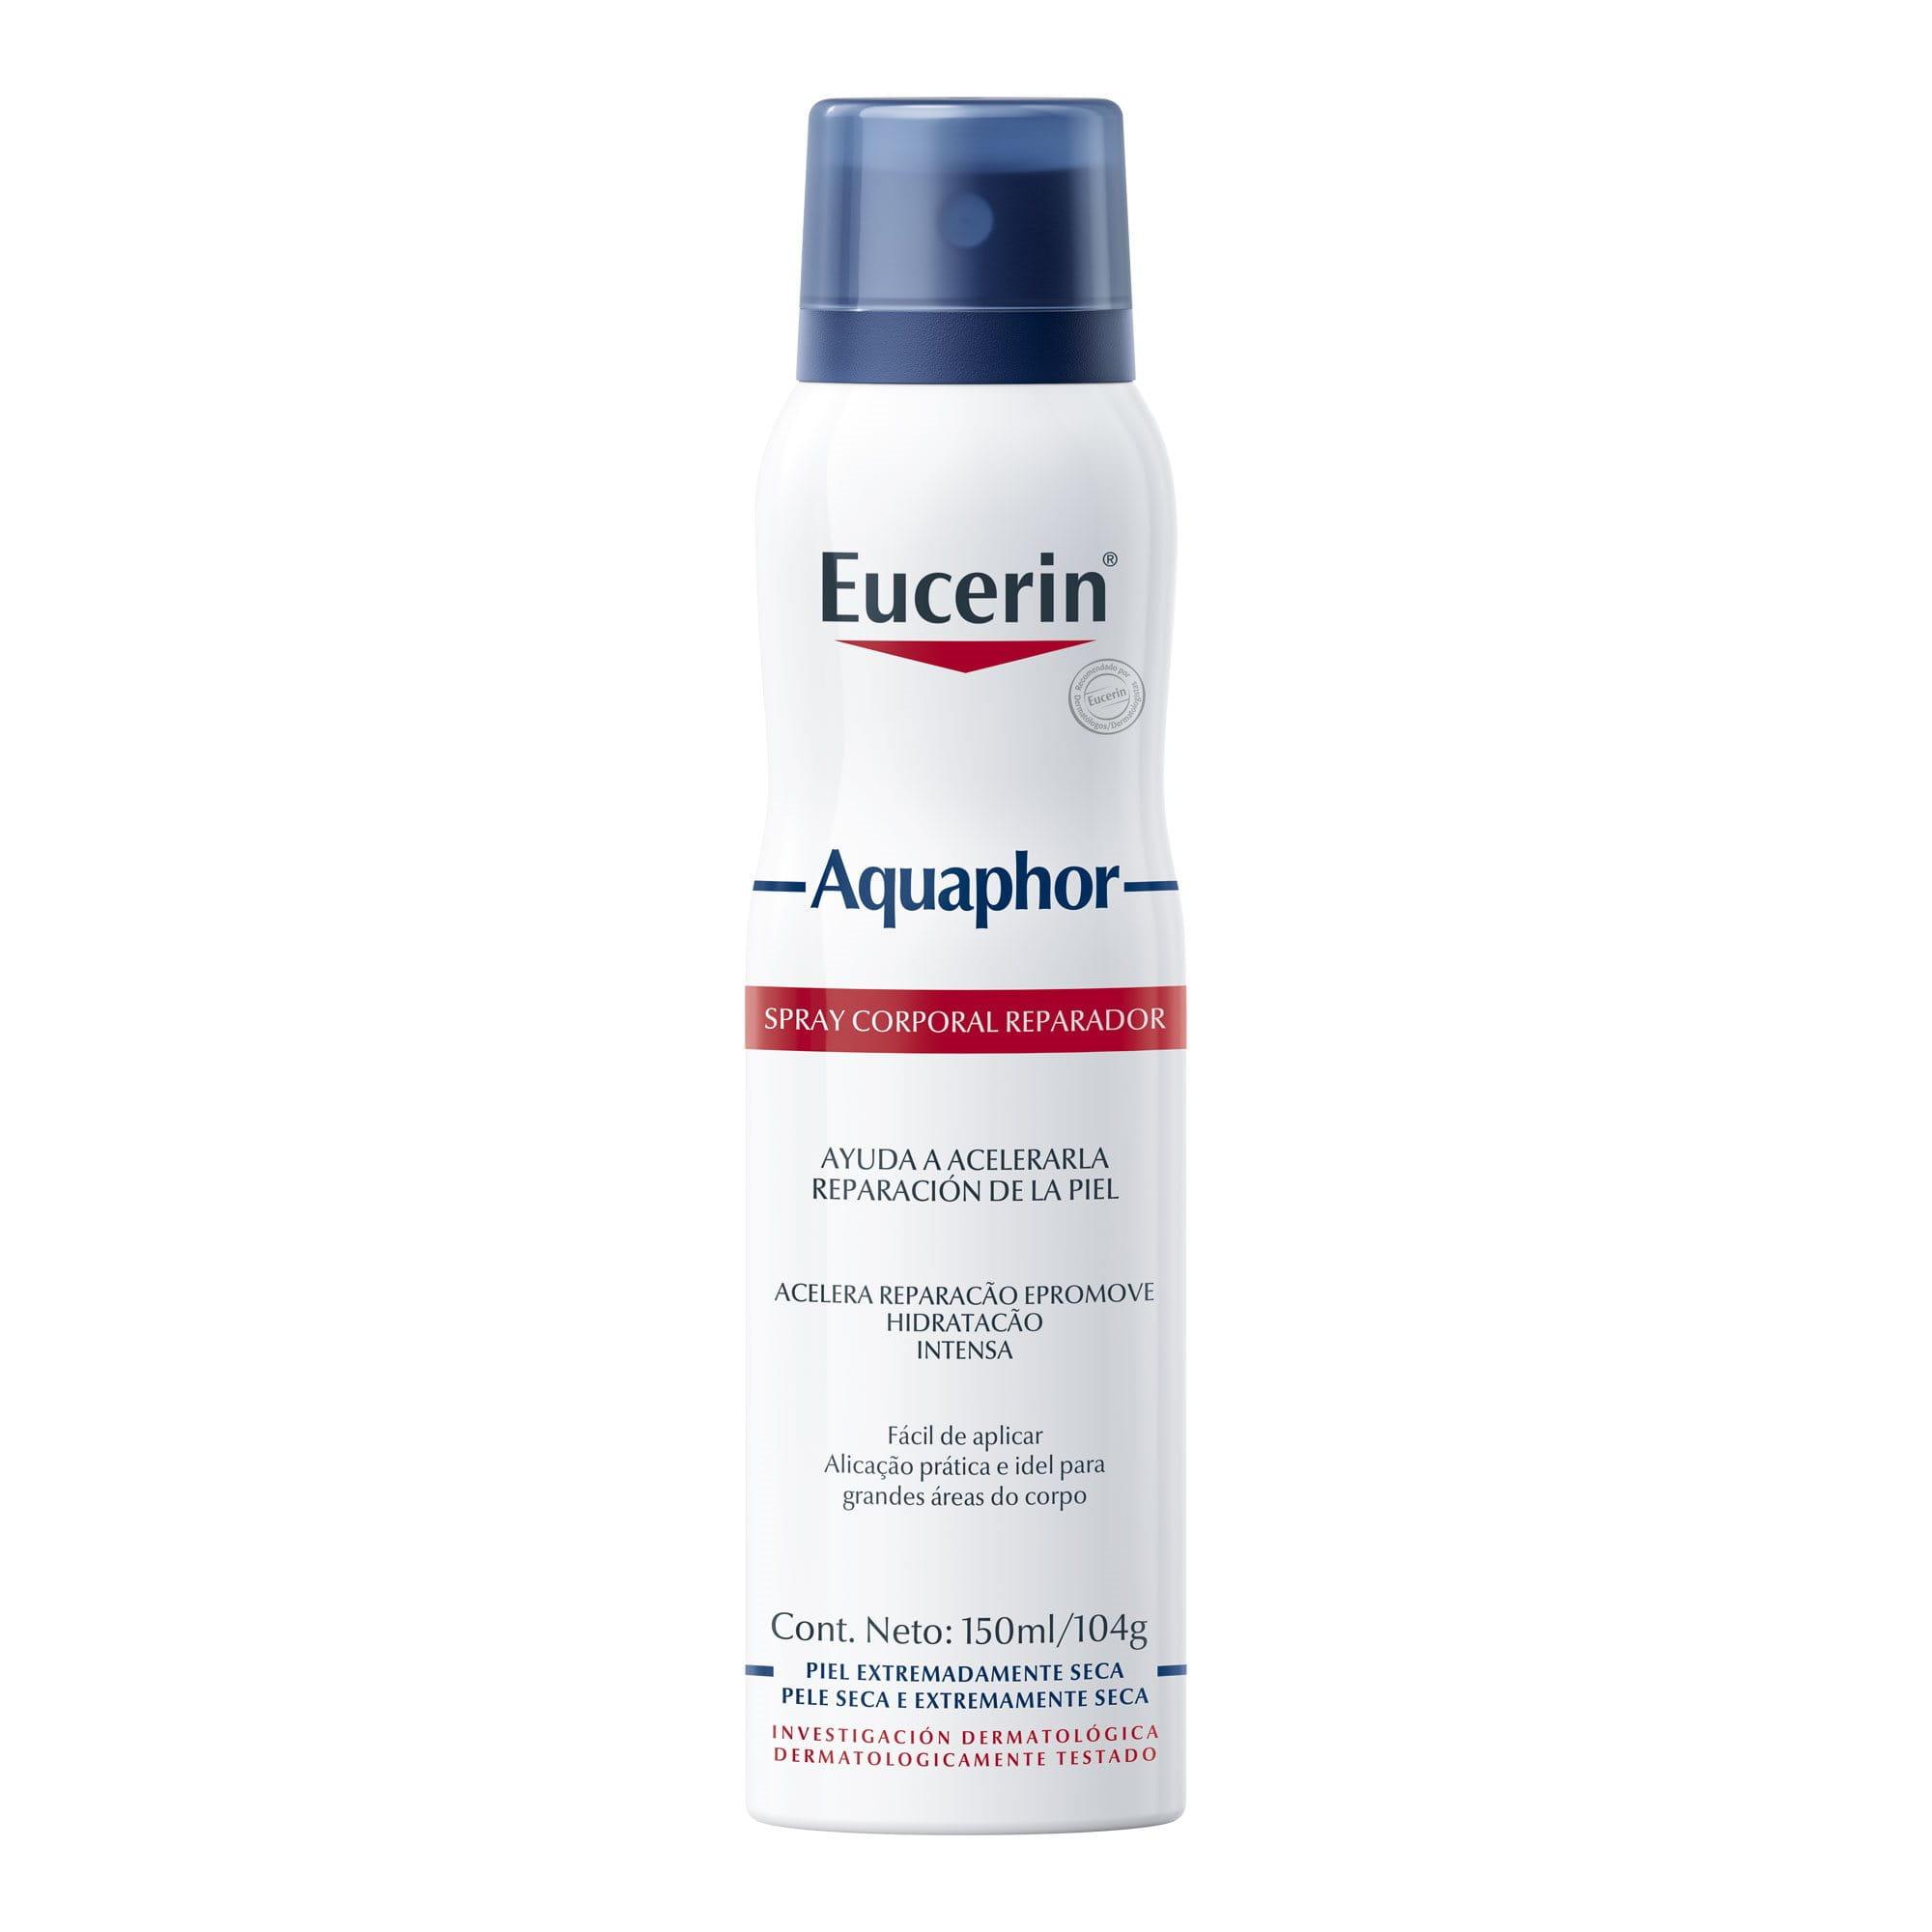 Aquaphor Spray Corporal Reparador